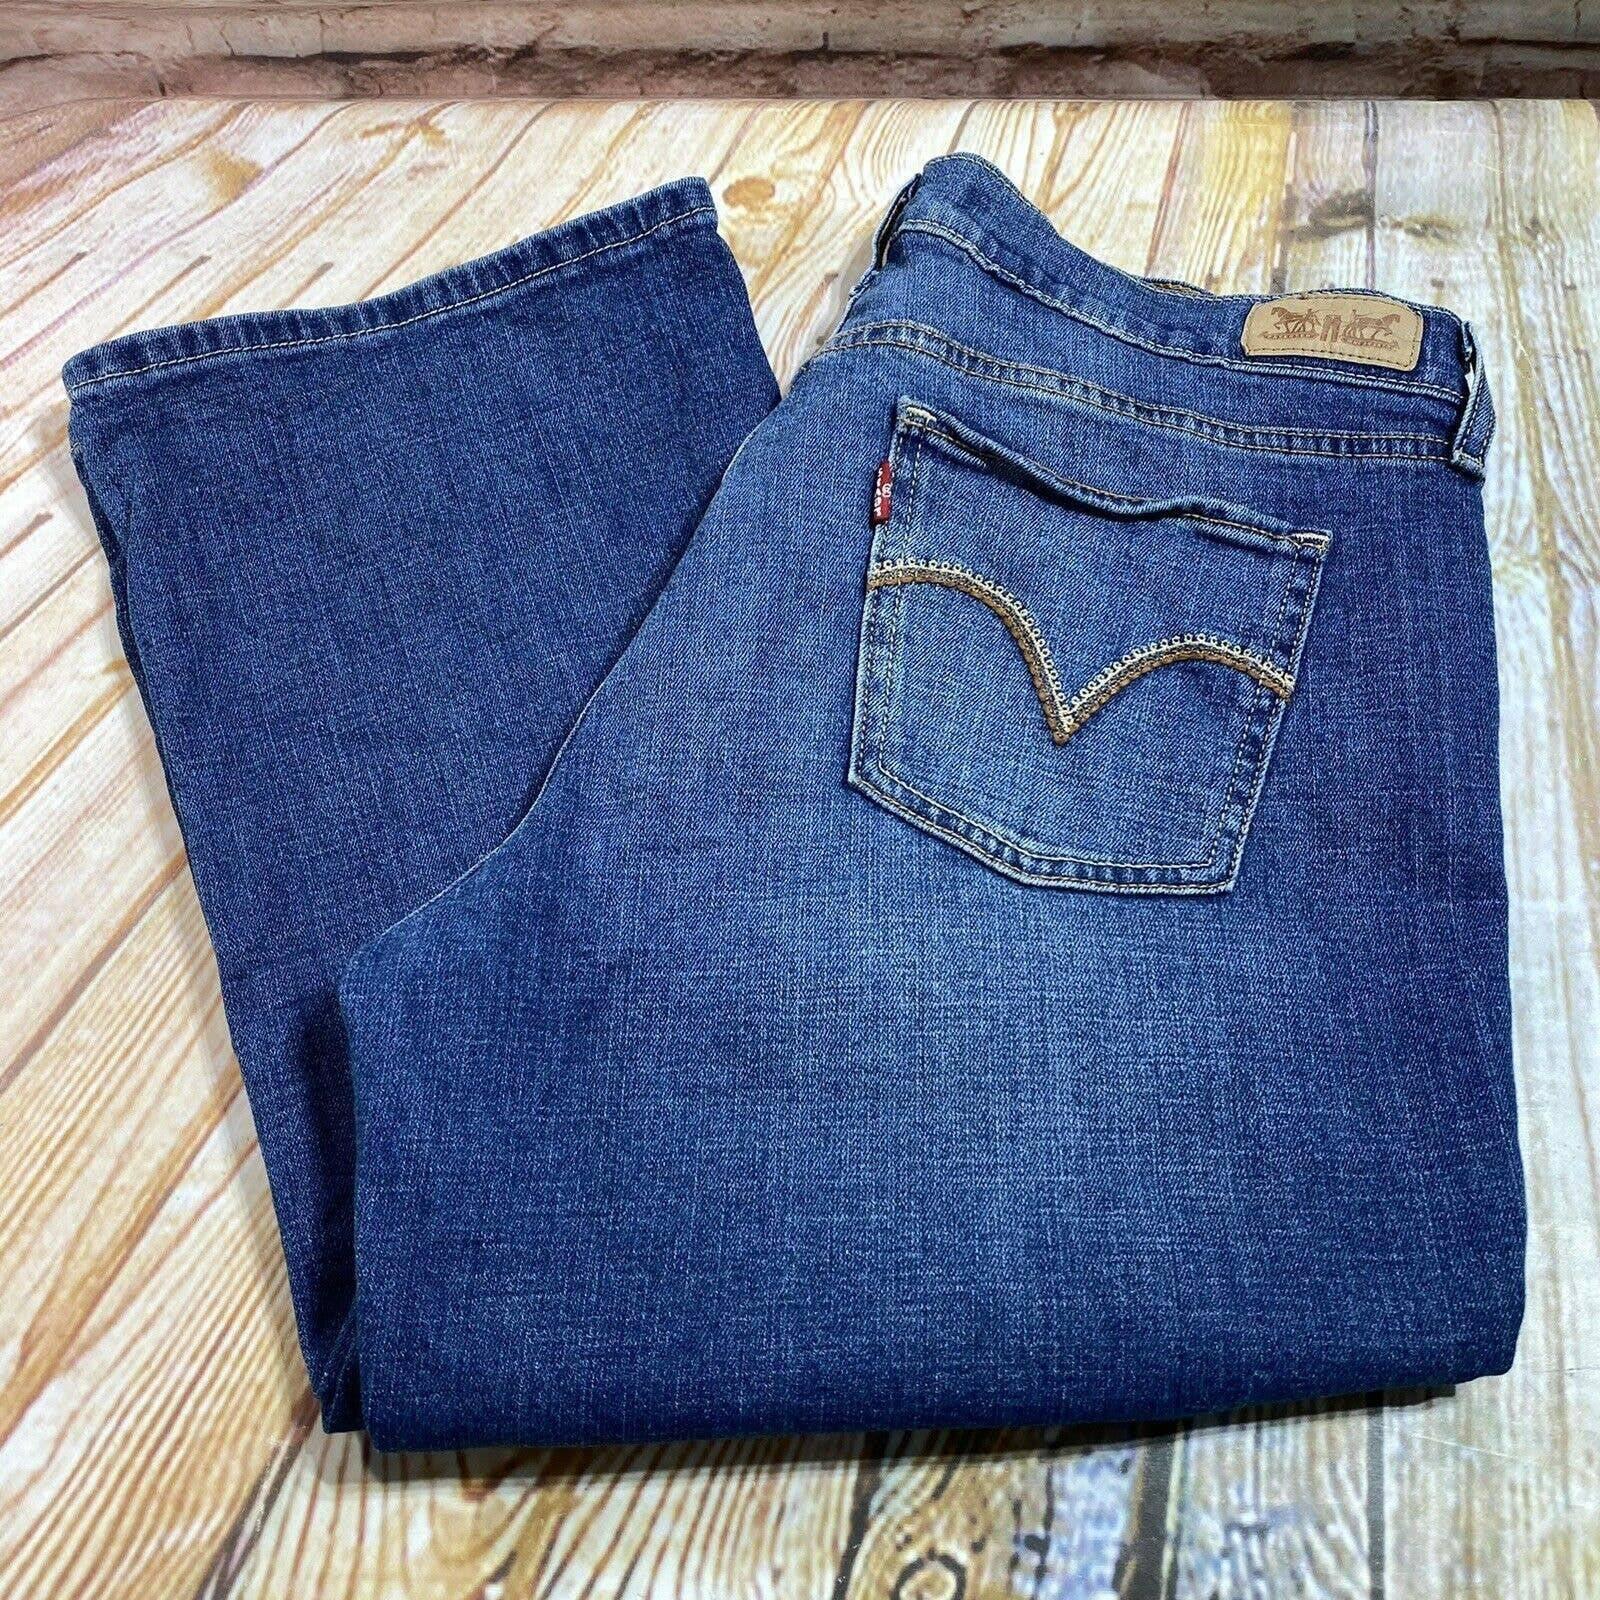 Levi's 515 Boot Cut Jeans Denim Pants